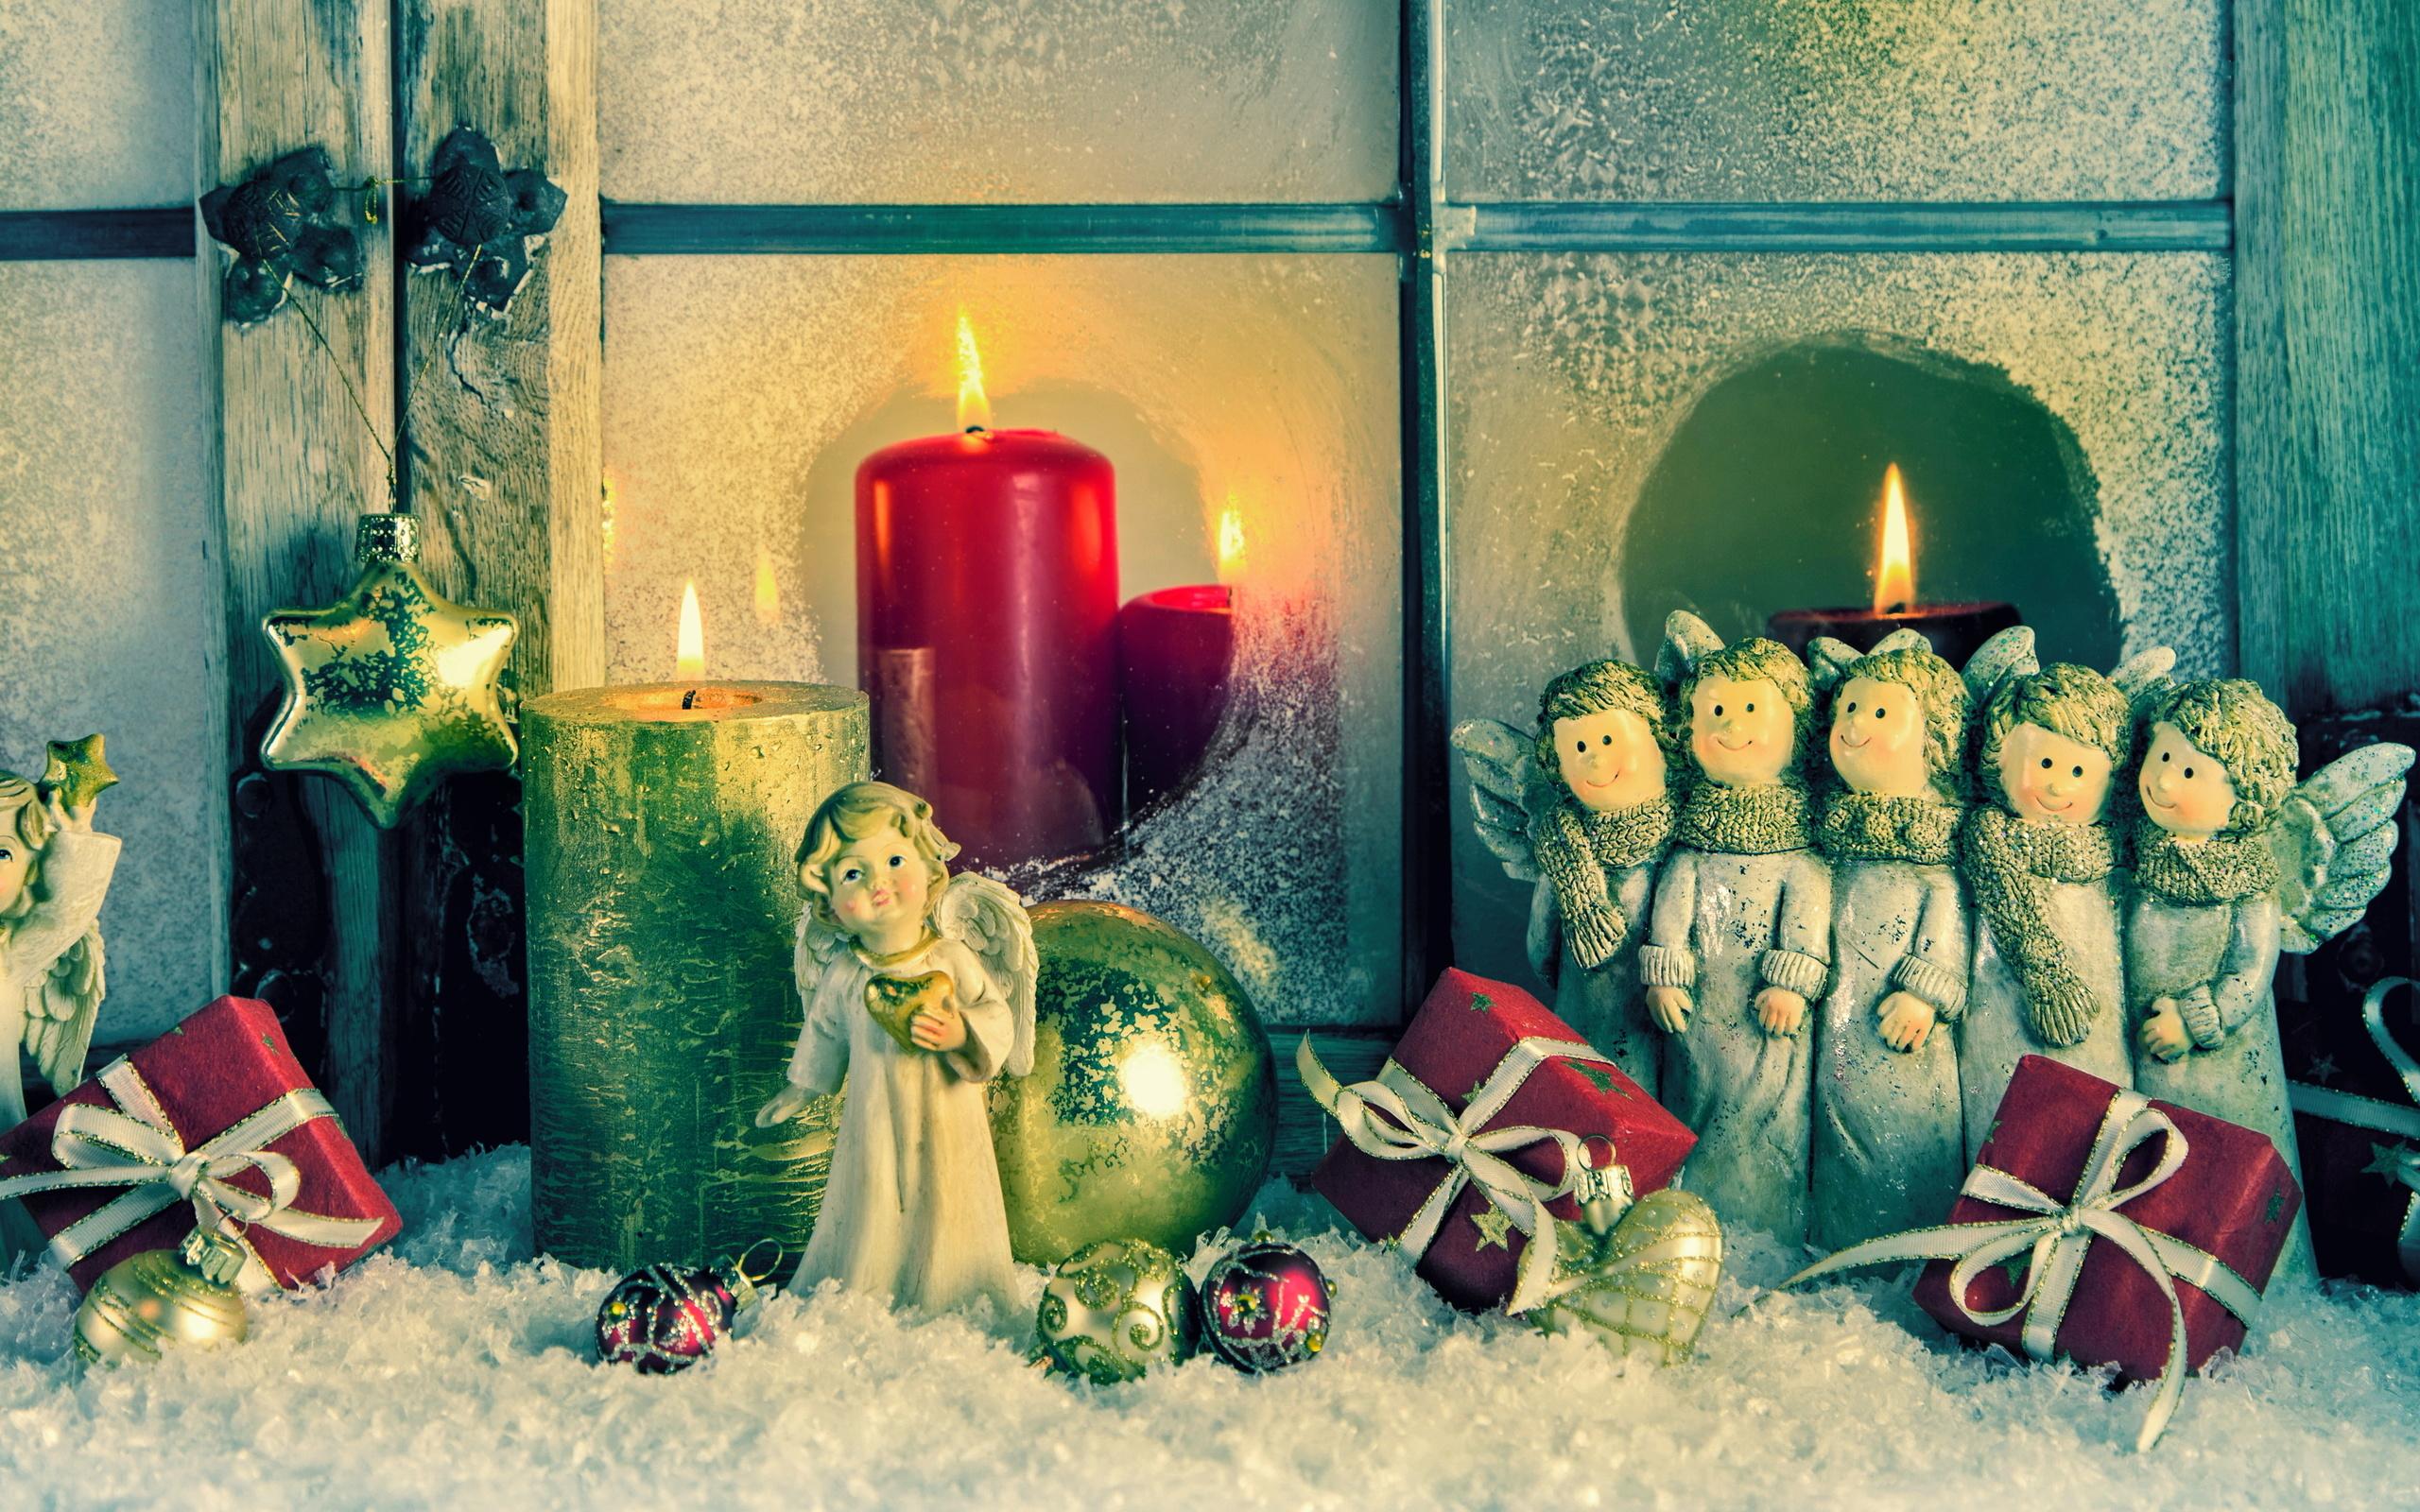 холодные блюда фотографии про рождество юбилея его наградили